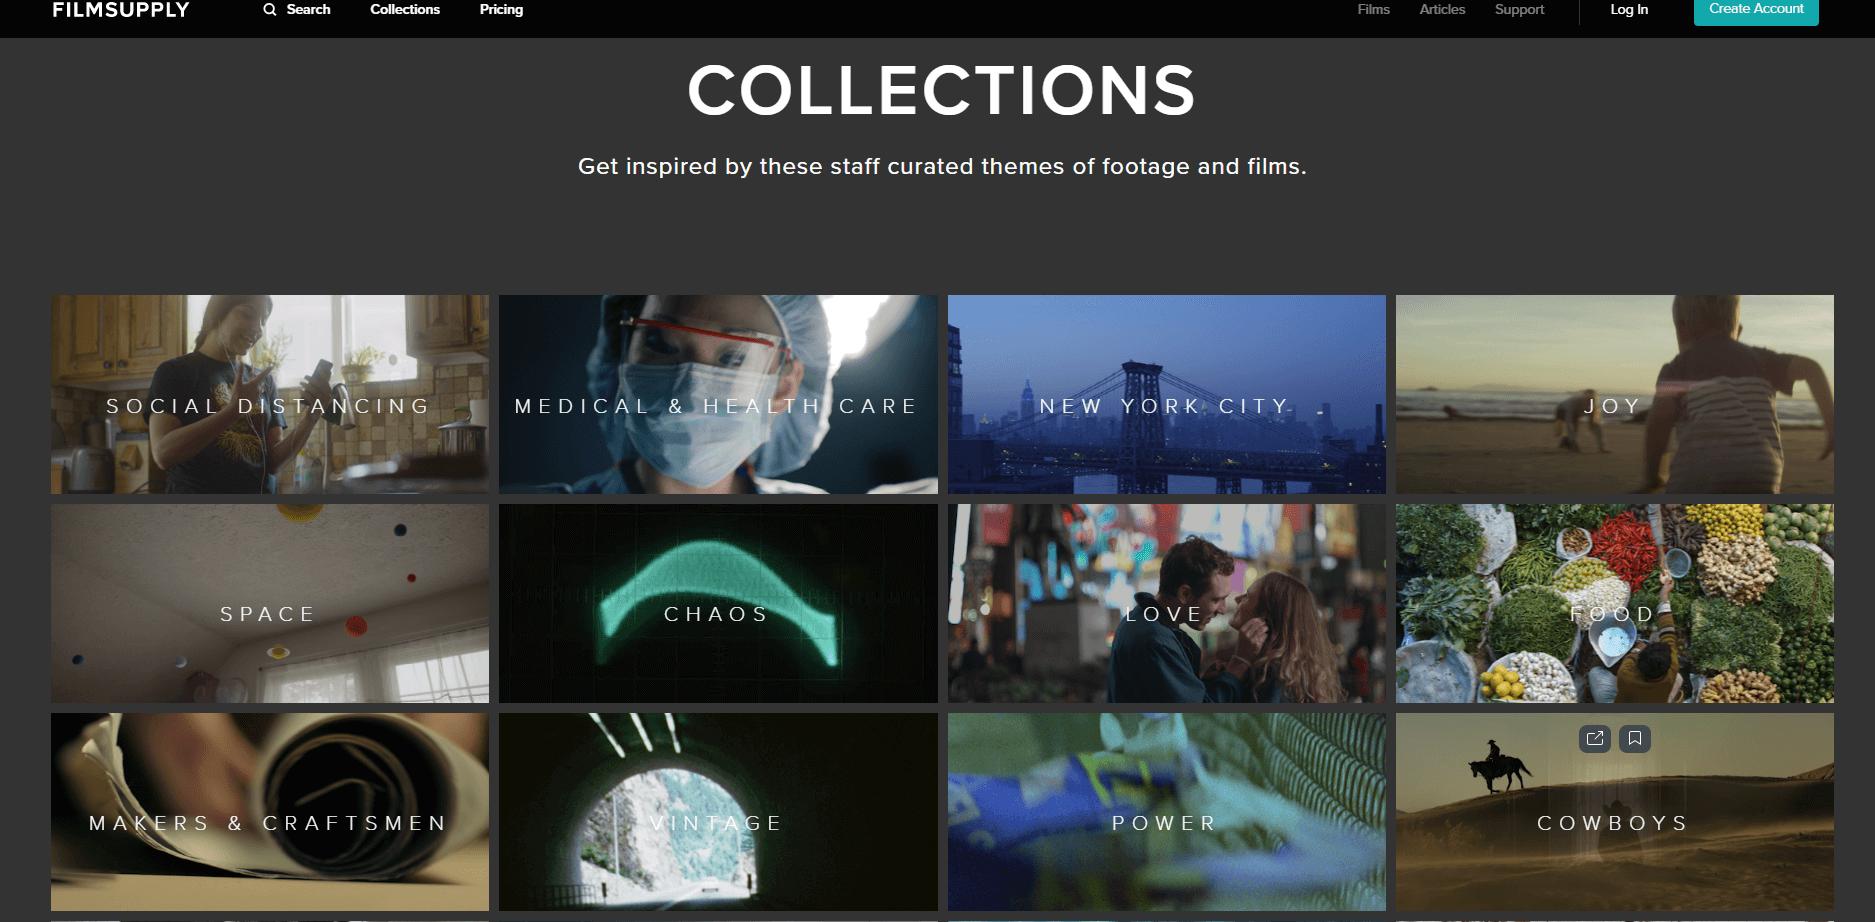 filmsupply.com